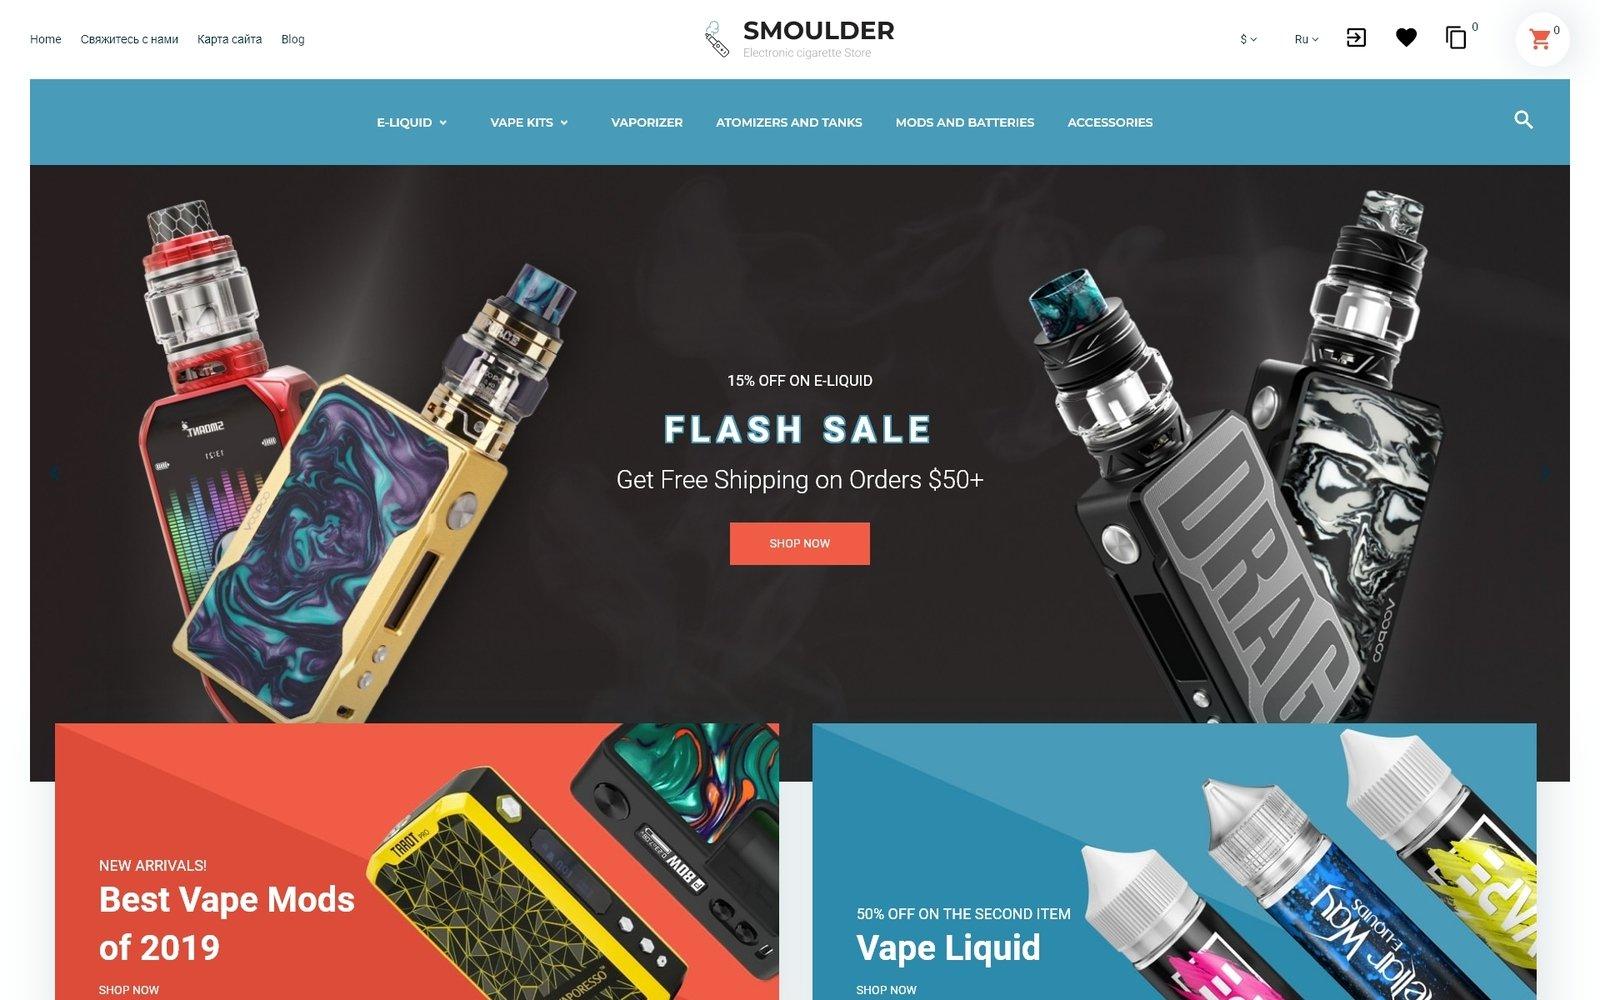 Smoulder - E-cigarette Website Design №92990 - скриншот